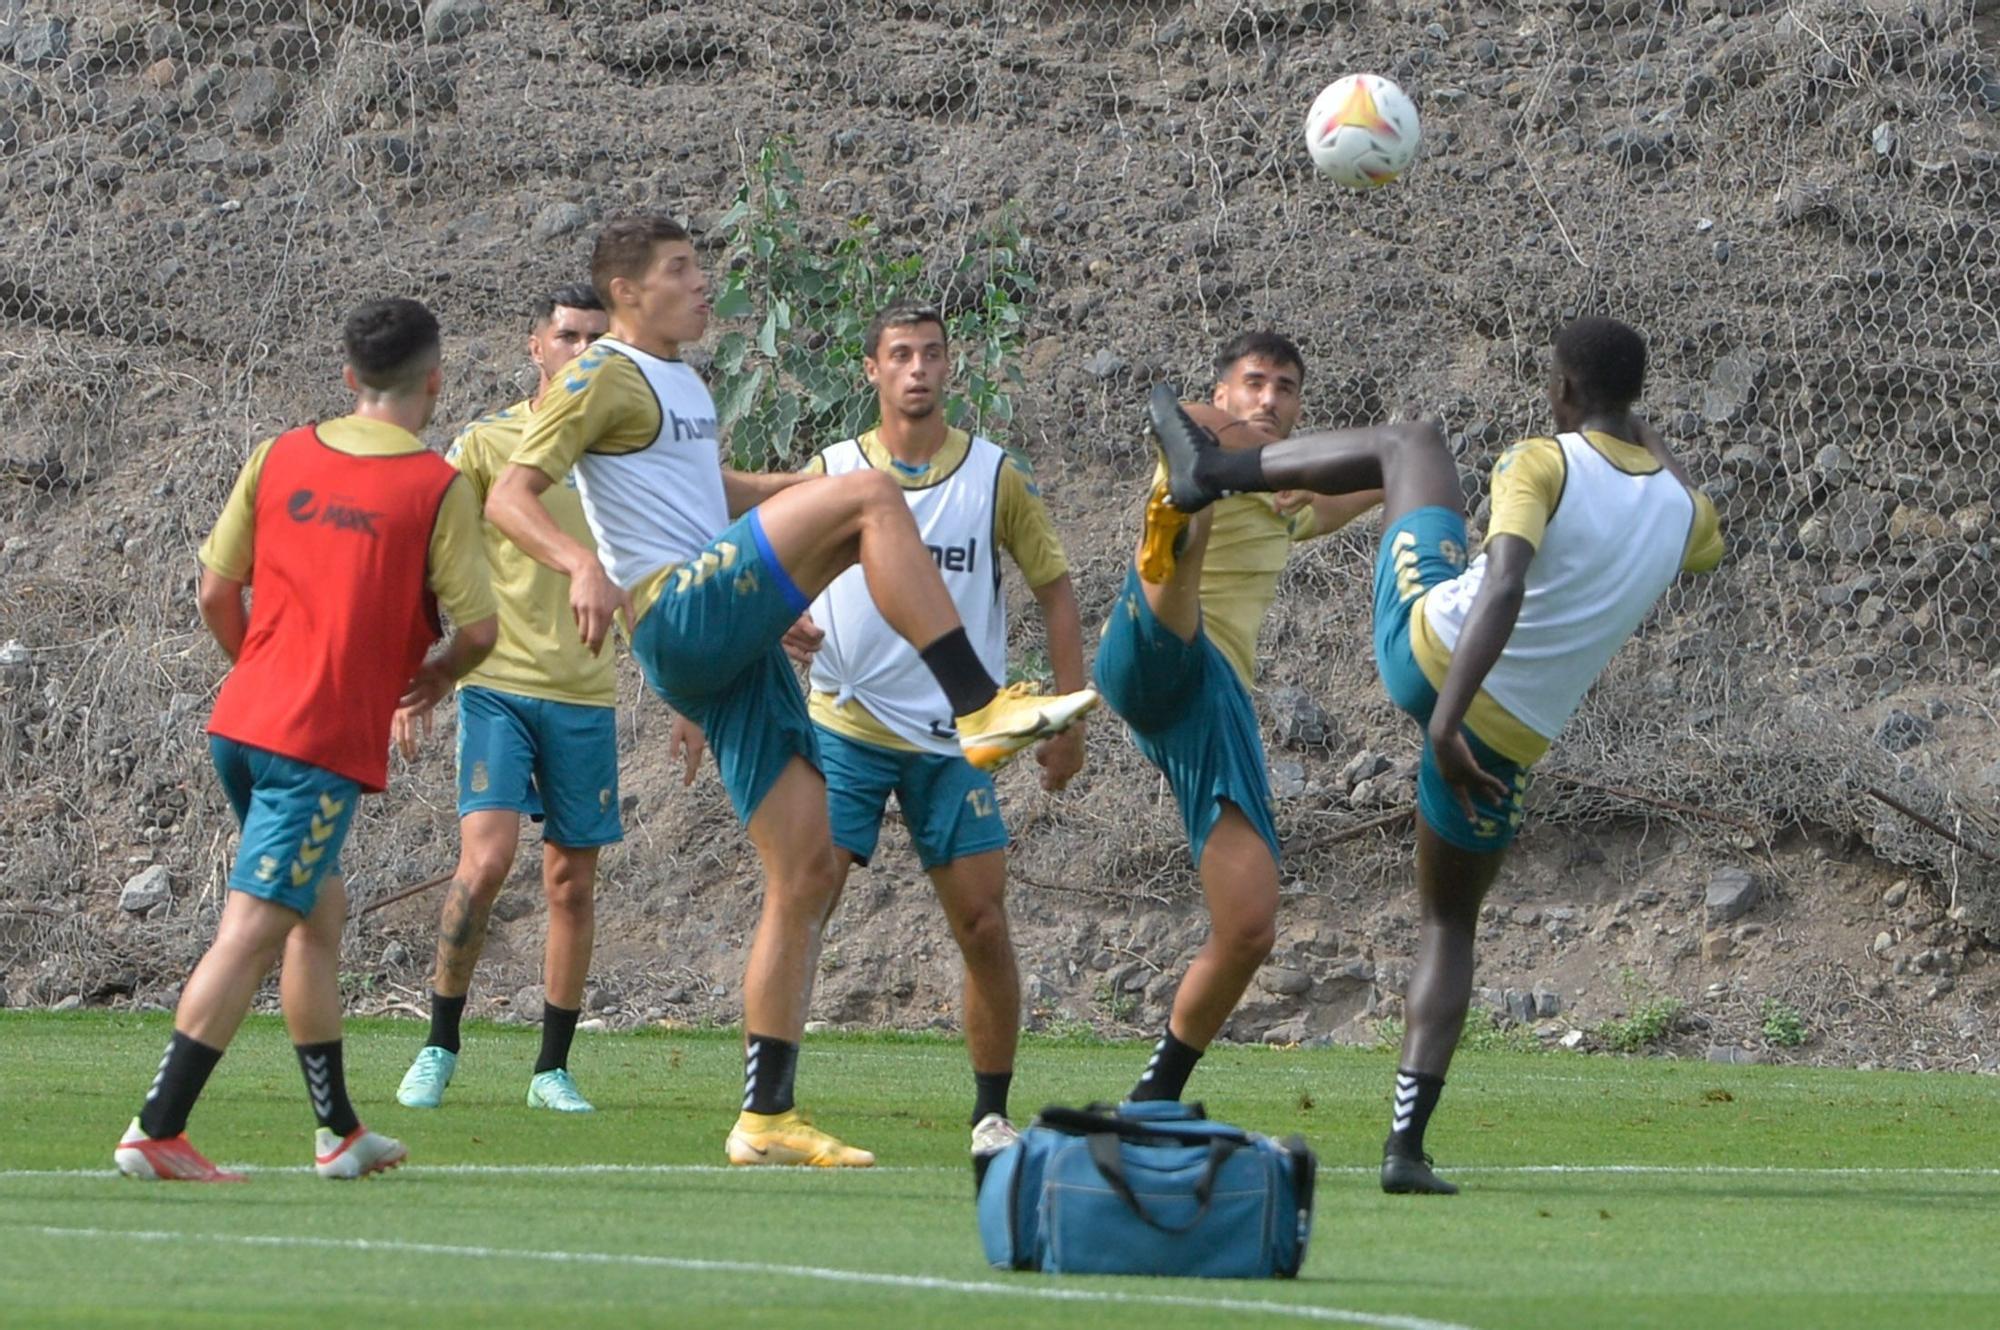 Entrenamiento de la UD Las Palmas en Barranco Seco (13/09/2021)